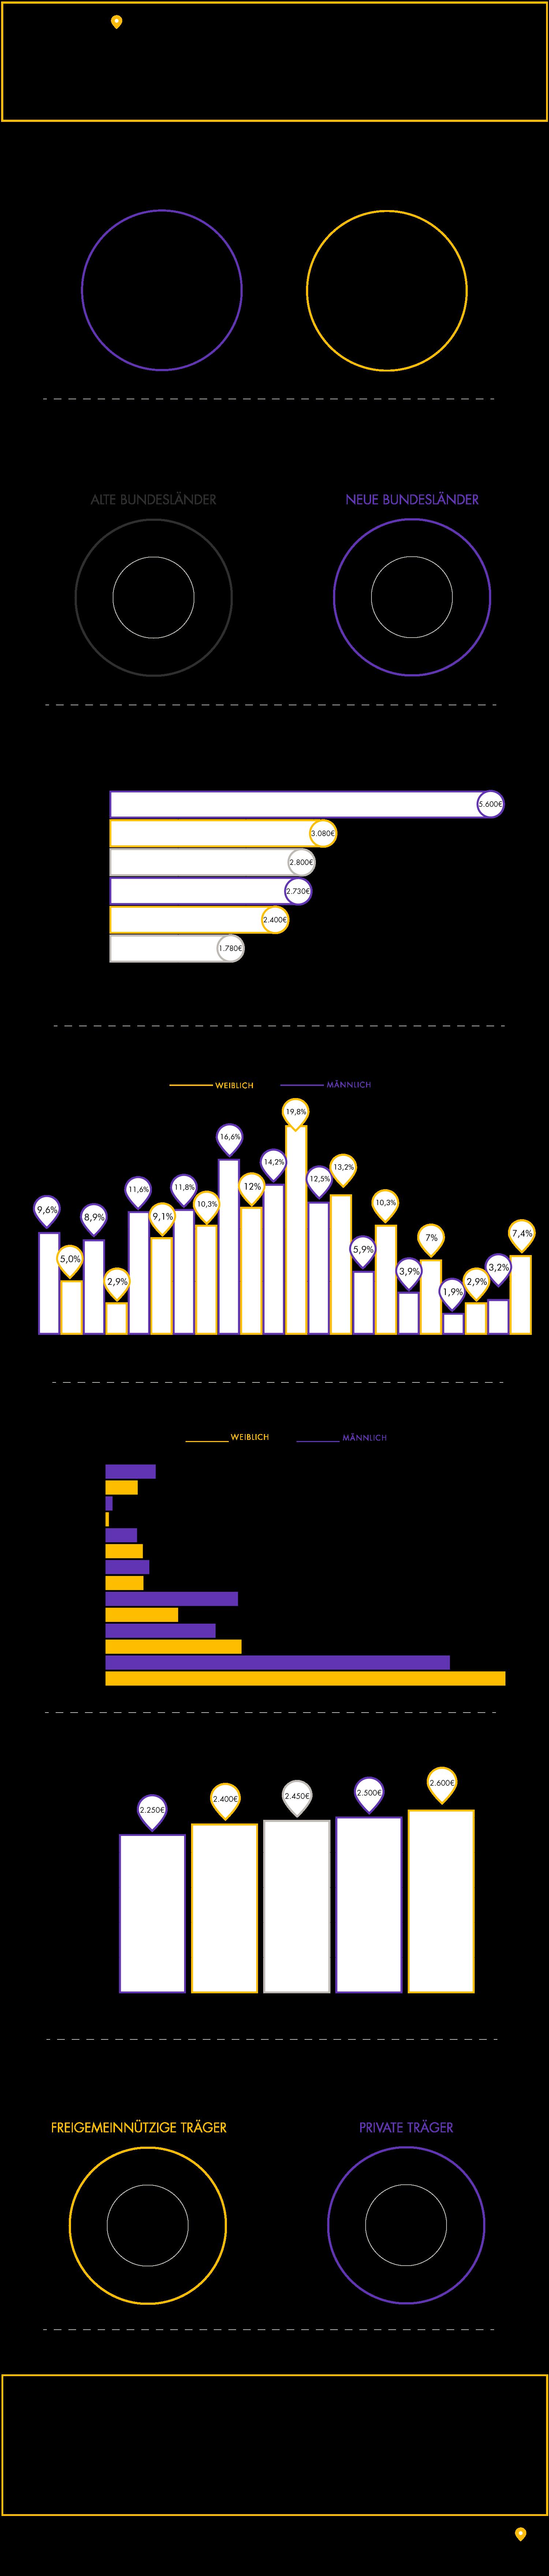 Grafik: Brutto-Gehalt in der Pflegebranche aufgeschlüsselt nach Durchschnittsgehalt